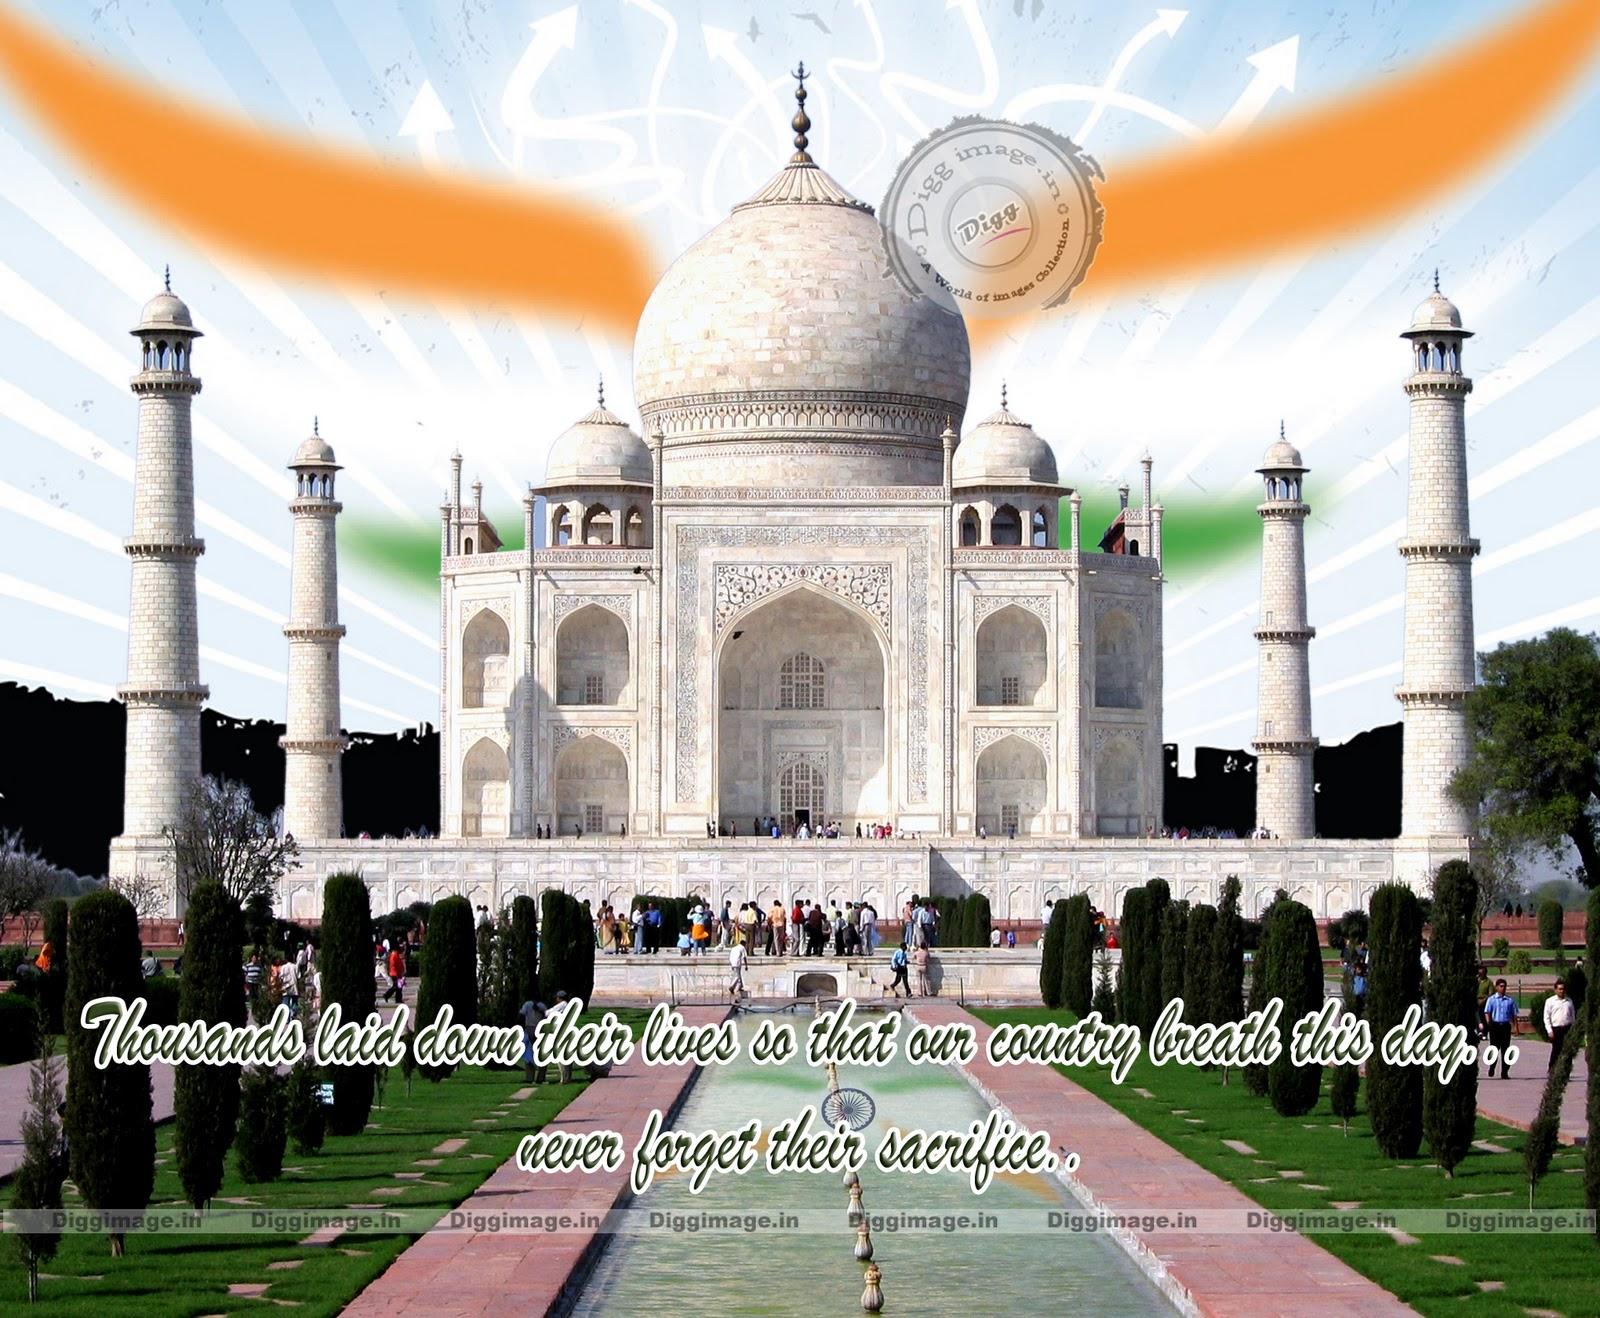 http://3.bp.blogspot.com/_eVlQxIsM5t0/TT5pldBK1II/AAAAAAAAAGw/AUmagWIqXgk/s1600/Taj_Mahal_in%2Bwith%2Bflag.JPG